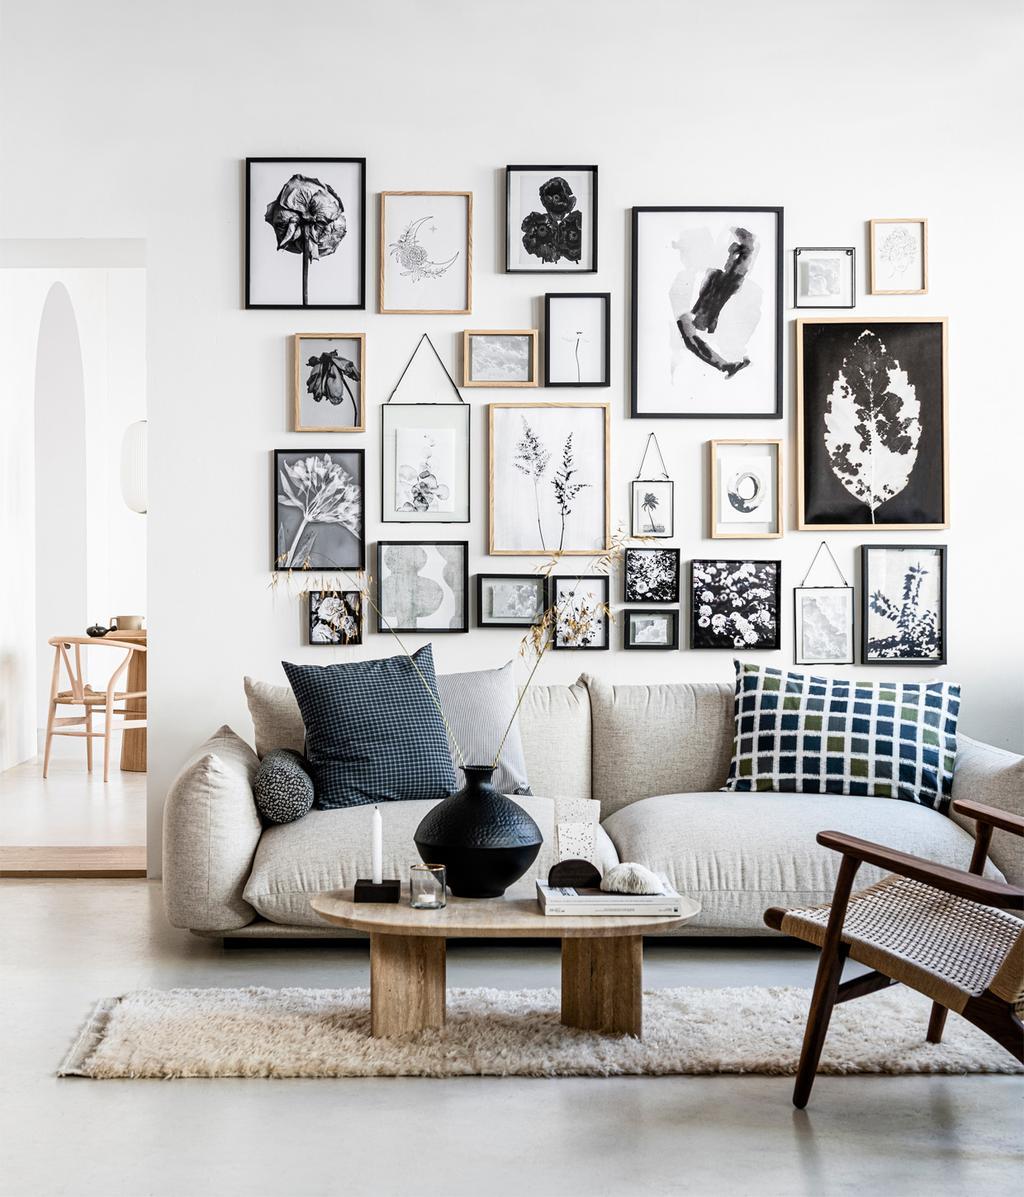 Art wall | woonkamer | vtwonen huiscollectie | vtwonen 02-2021